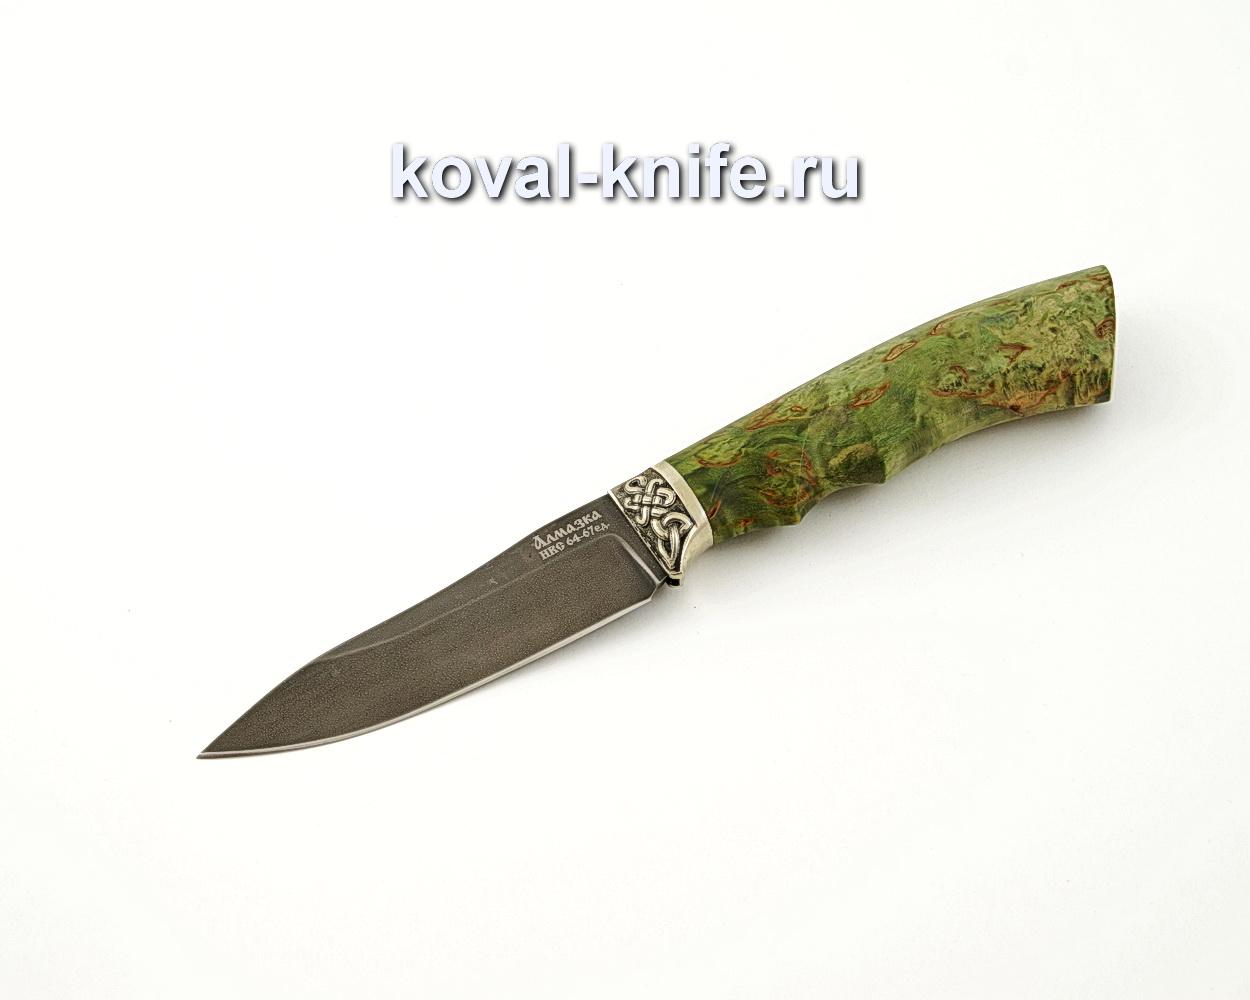 Нож Лань из алмазной стали ХВ5 с рукоятью из стабилизированной карельской березы, притин мельхиор A548